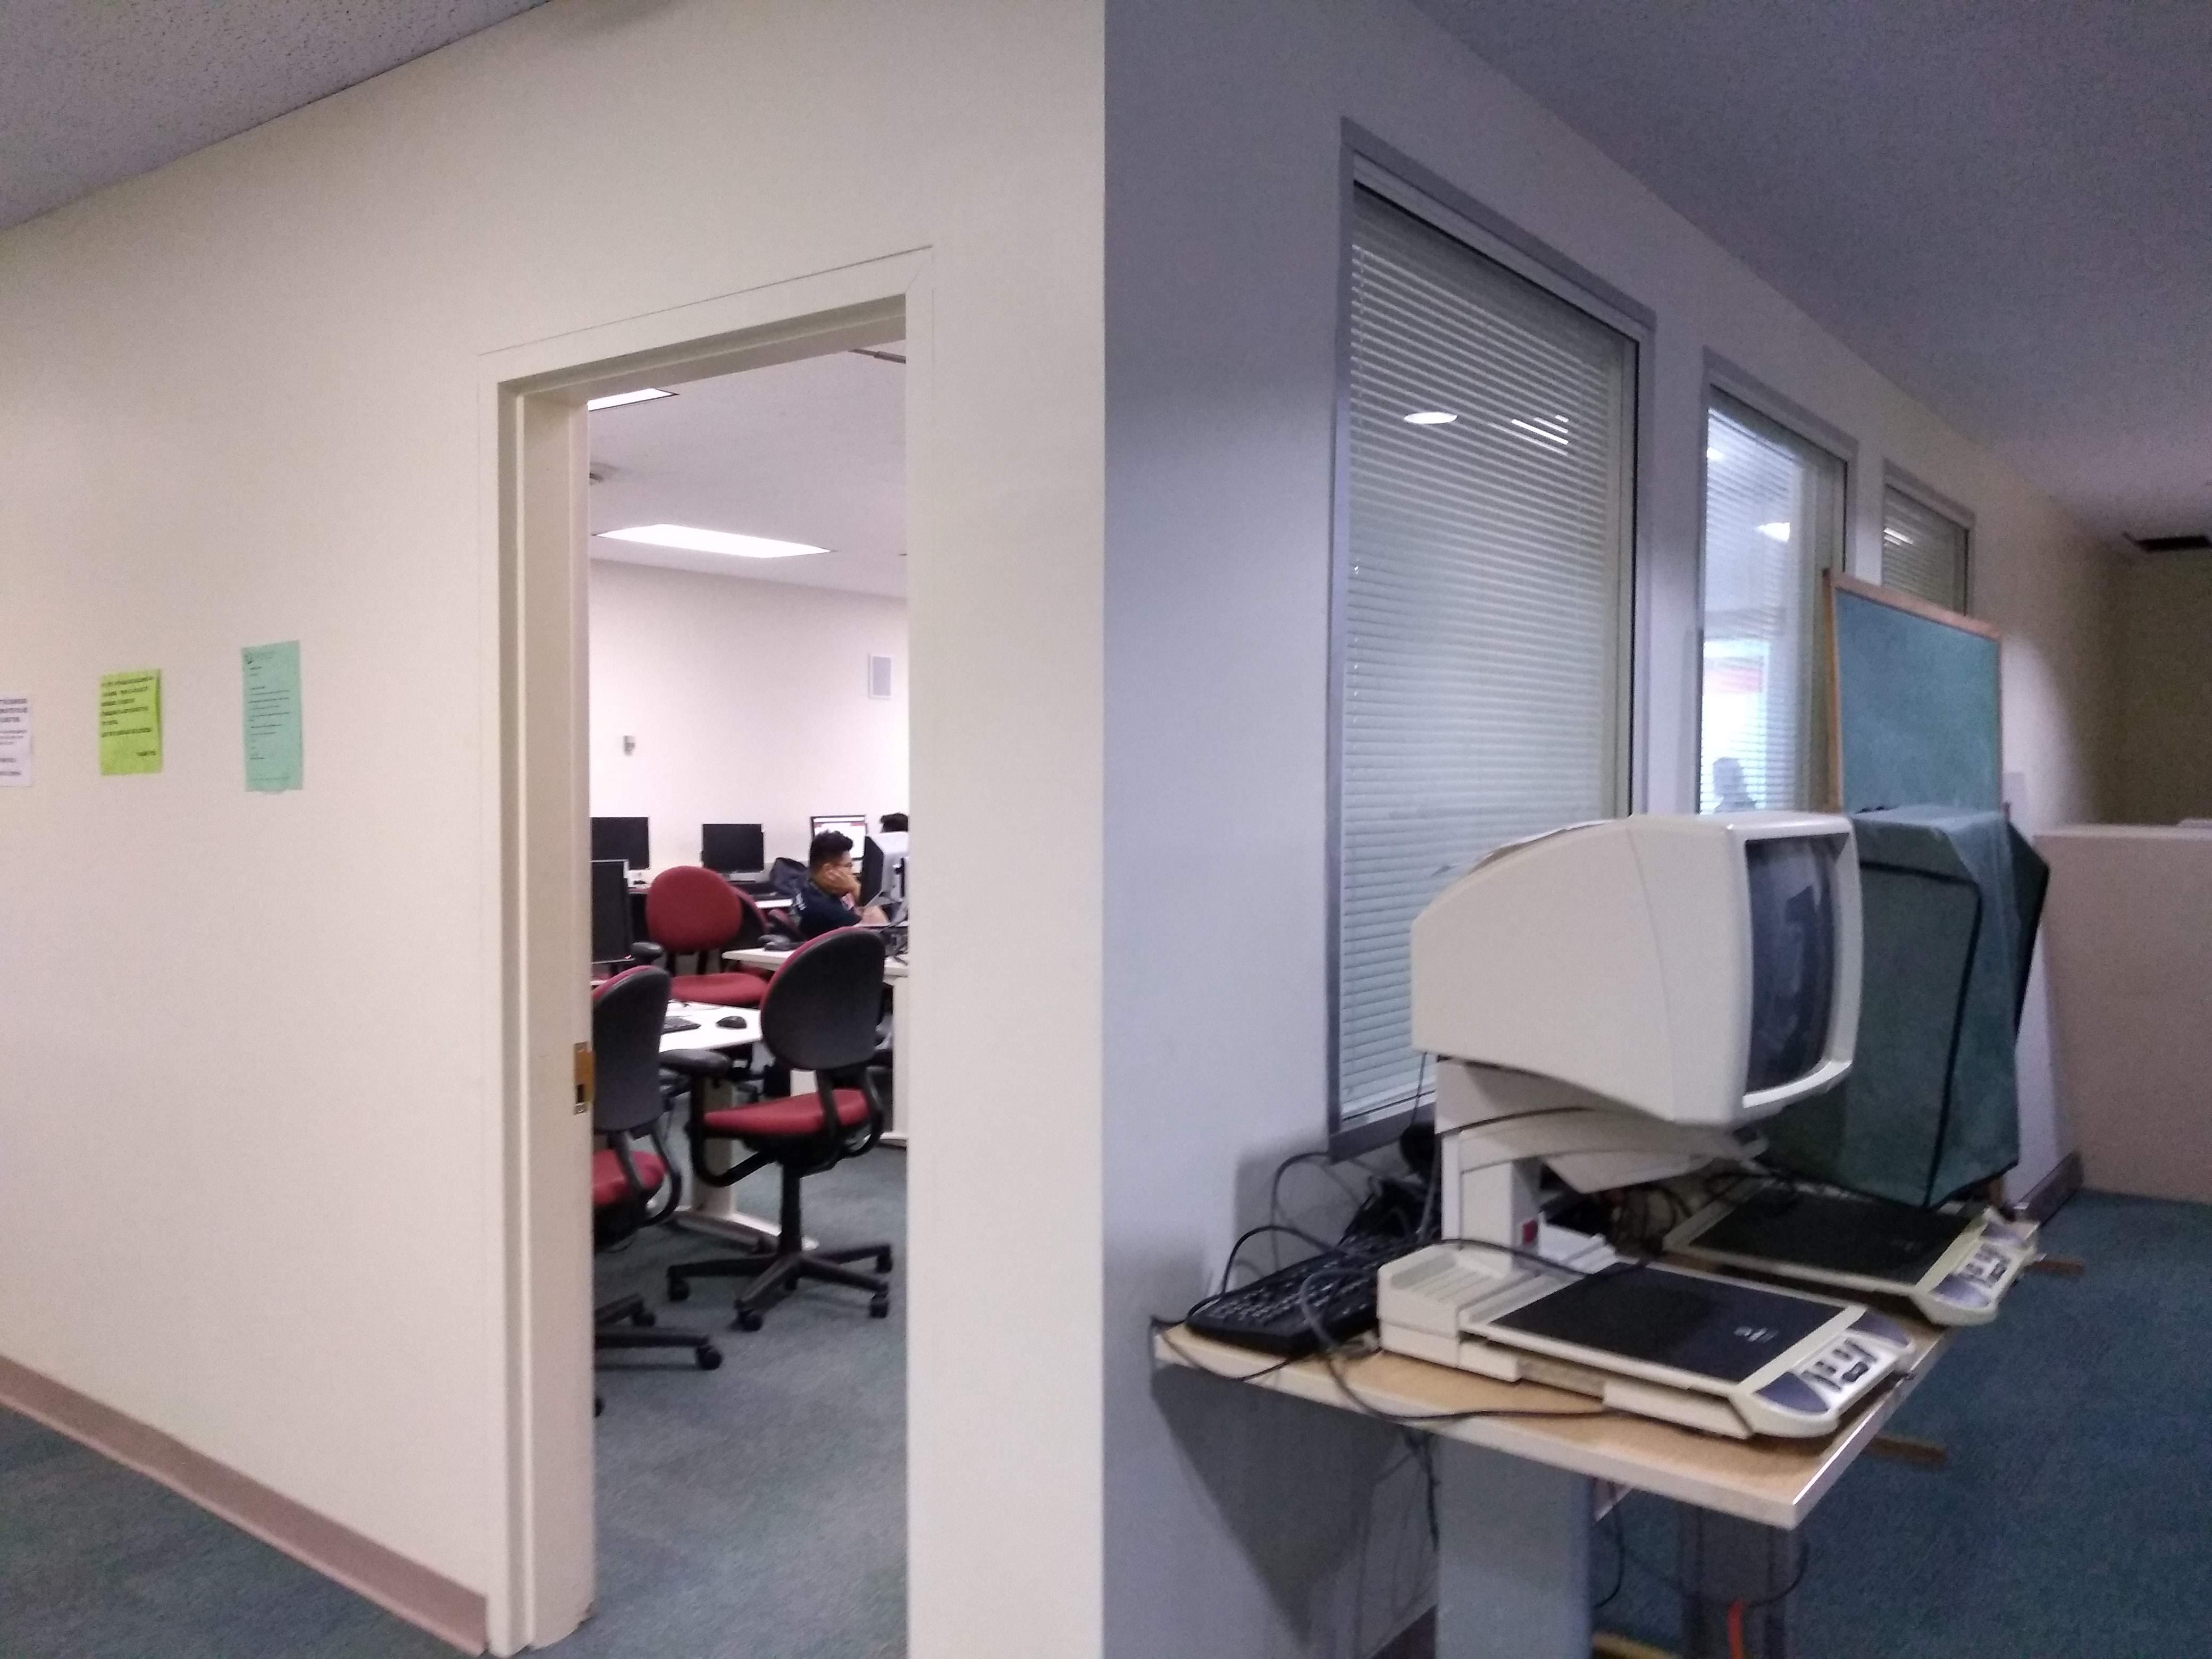 Room 101A